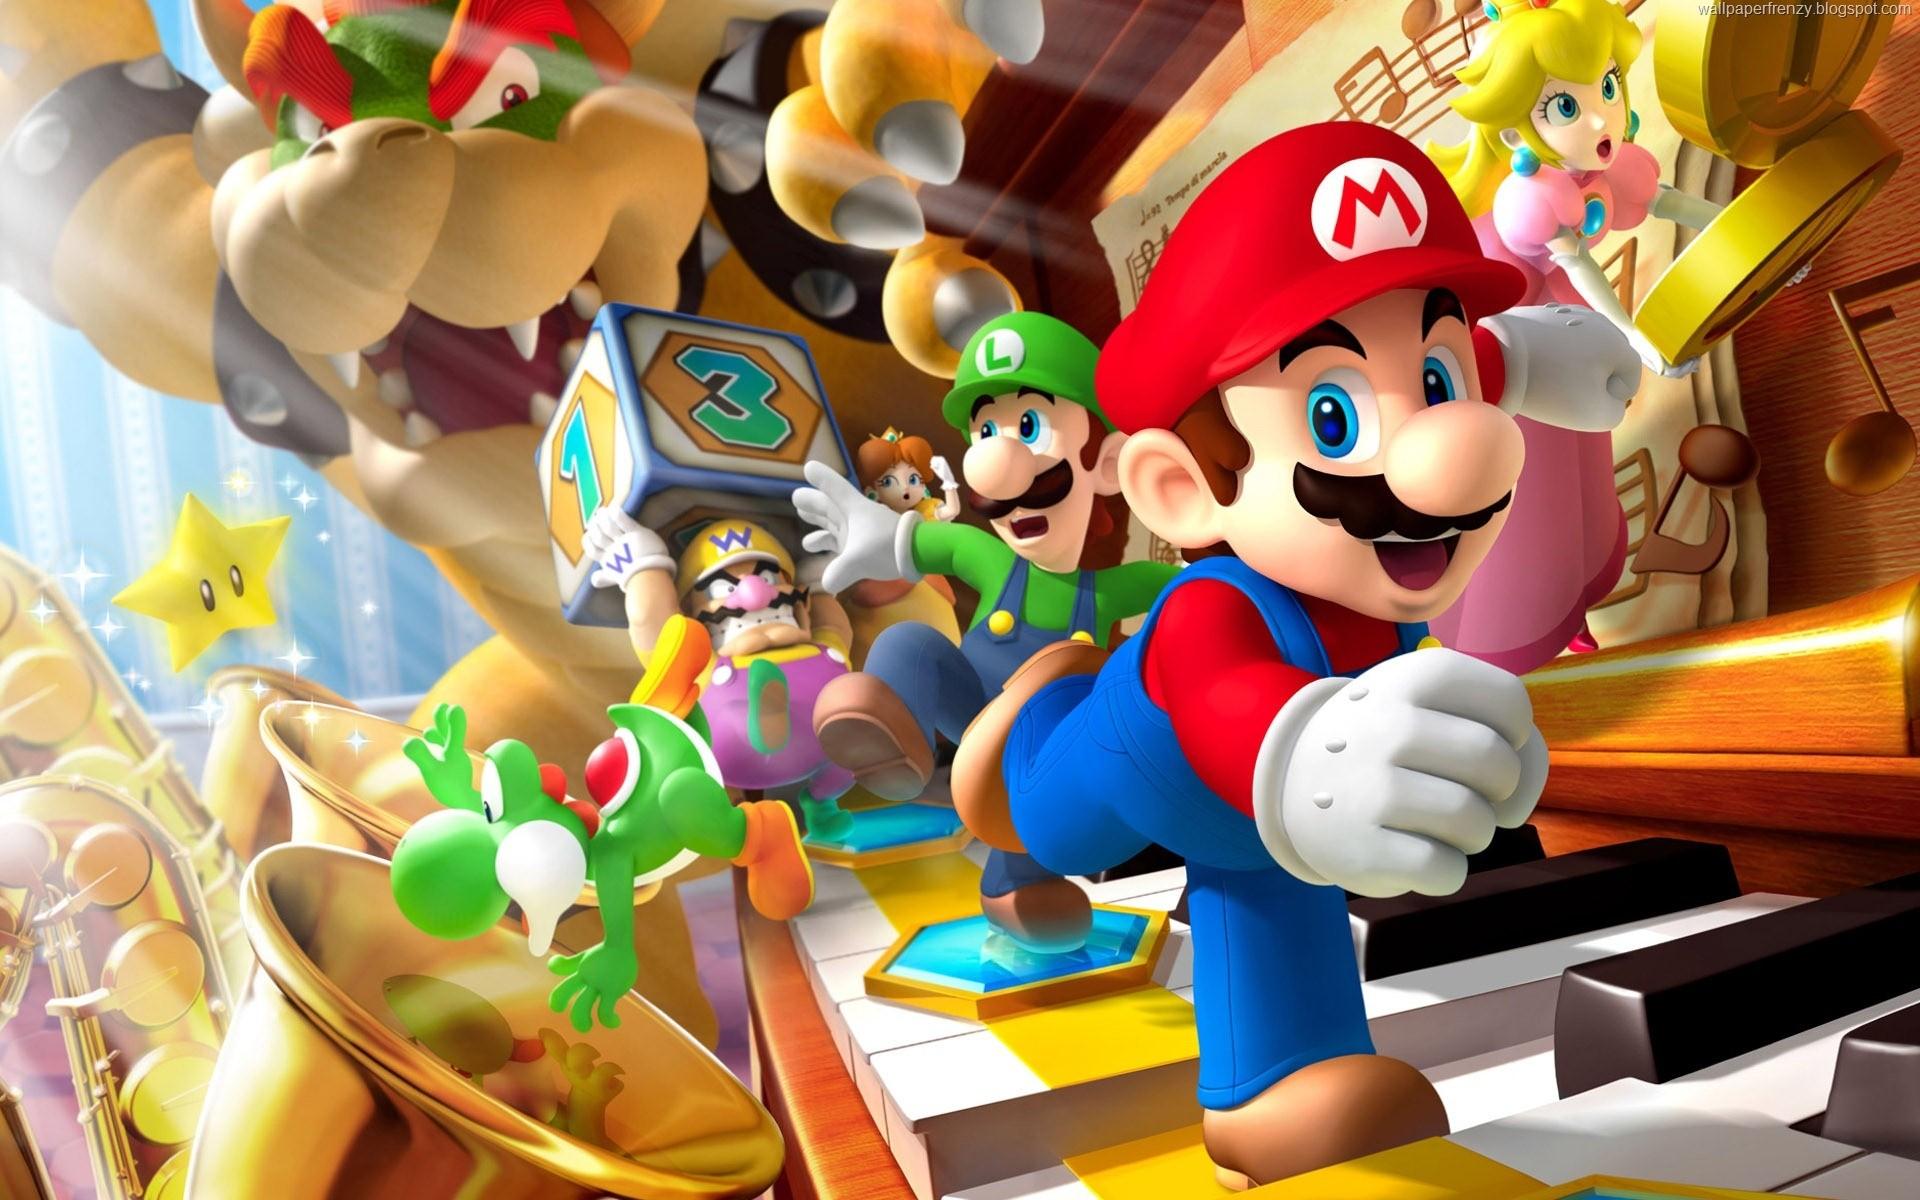 Super Mario Bros HD Wallpaper Murals